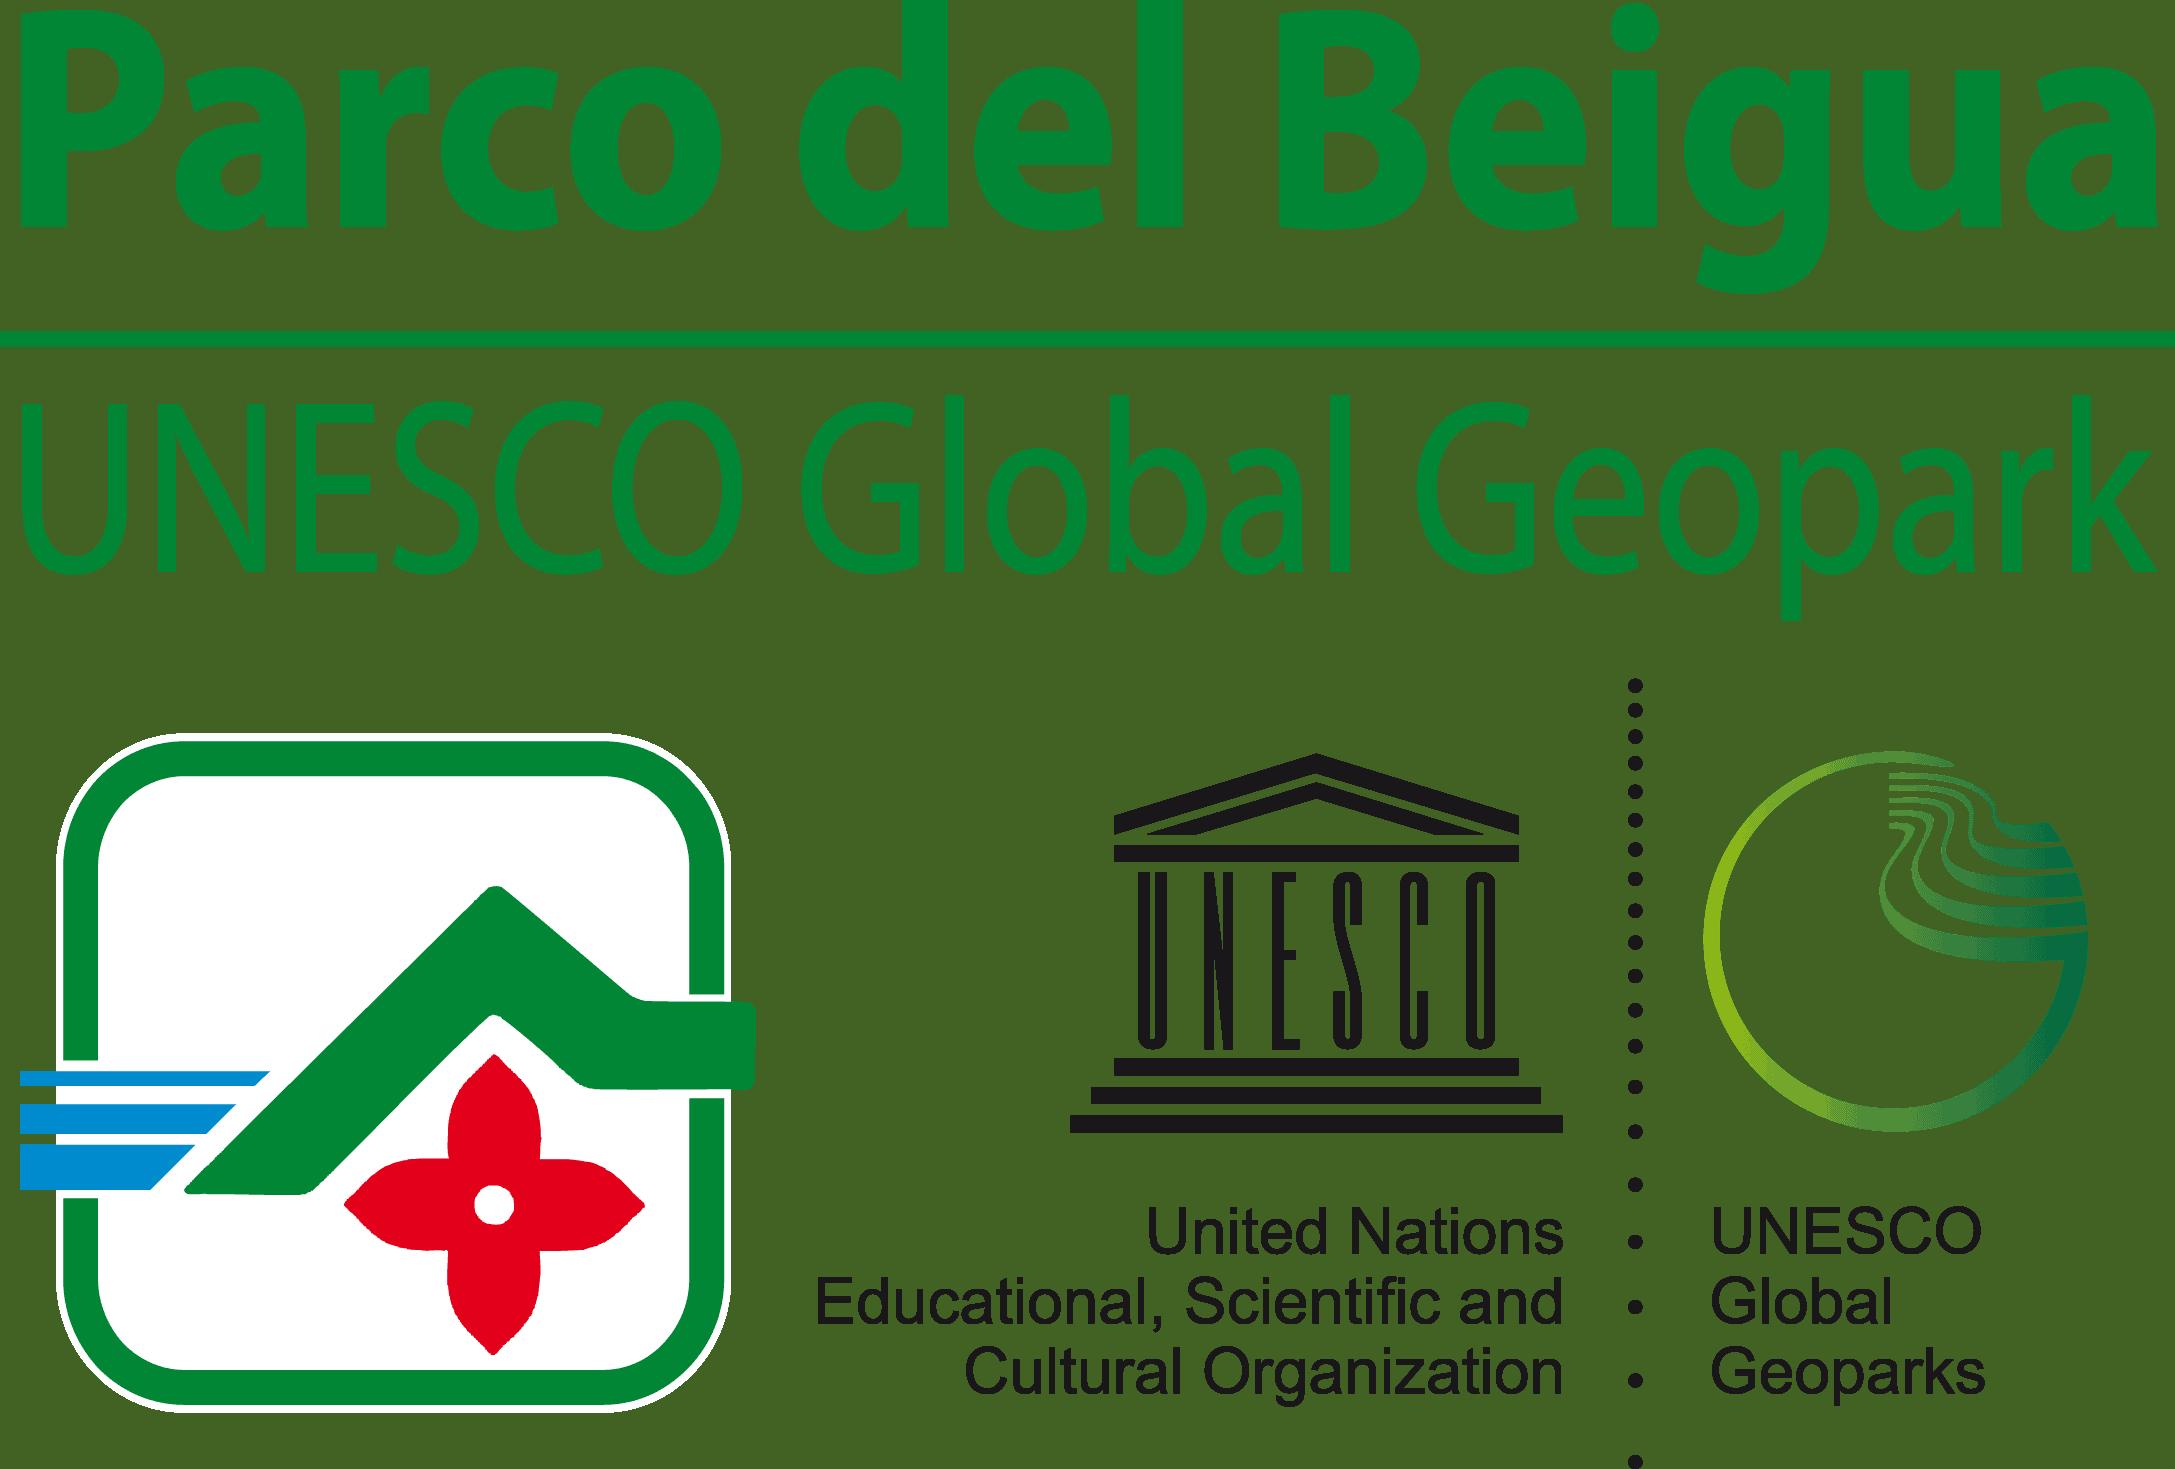 Parco Beigua Unesco Global Geopark